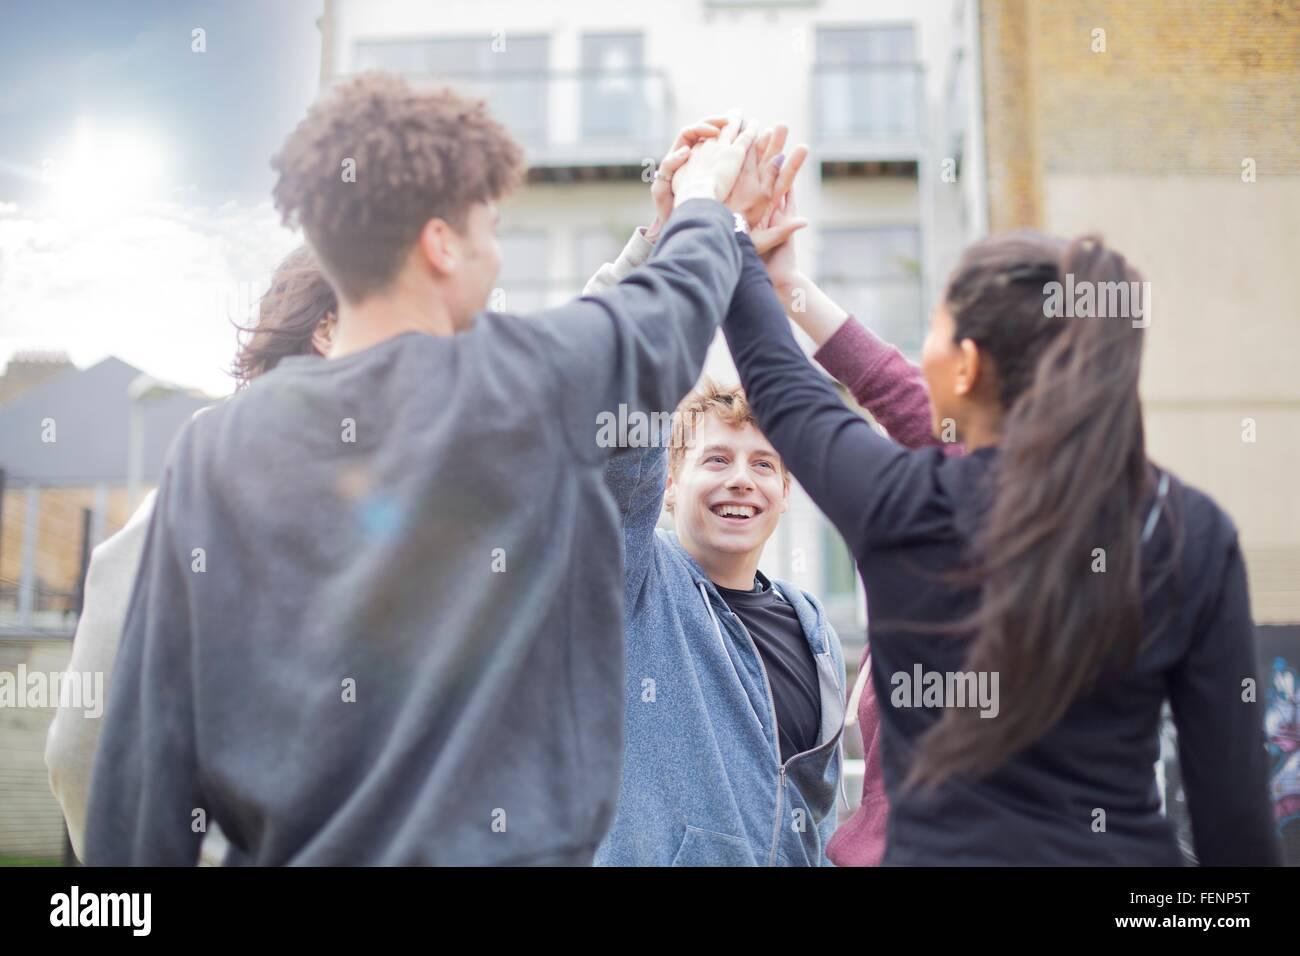 Groupe d'adultes, touchant, à l'extérieur Photo Stock